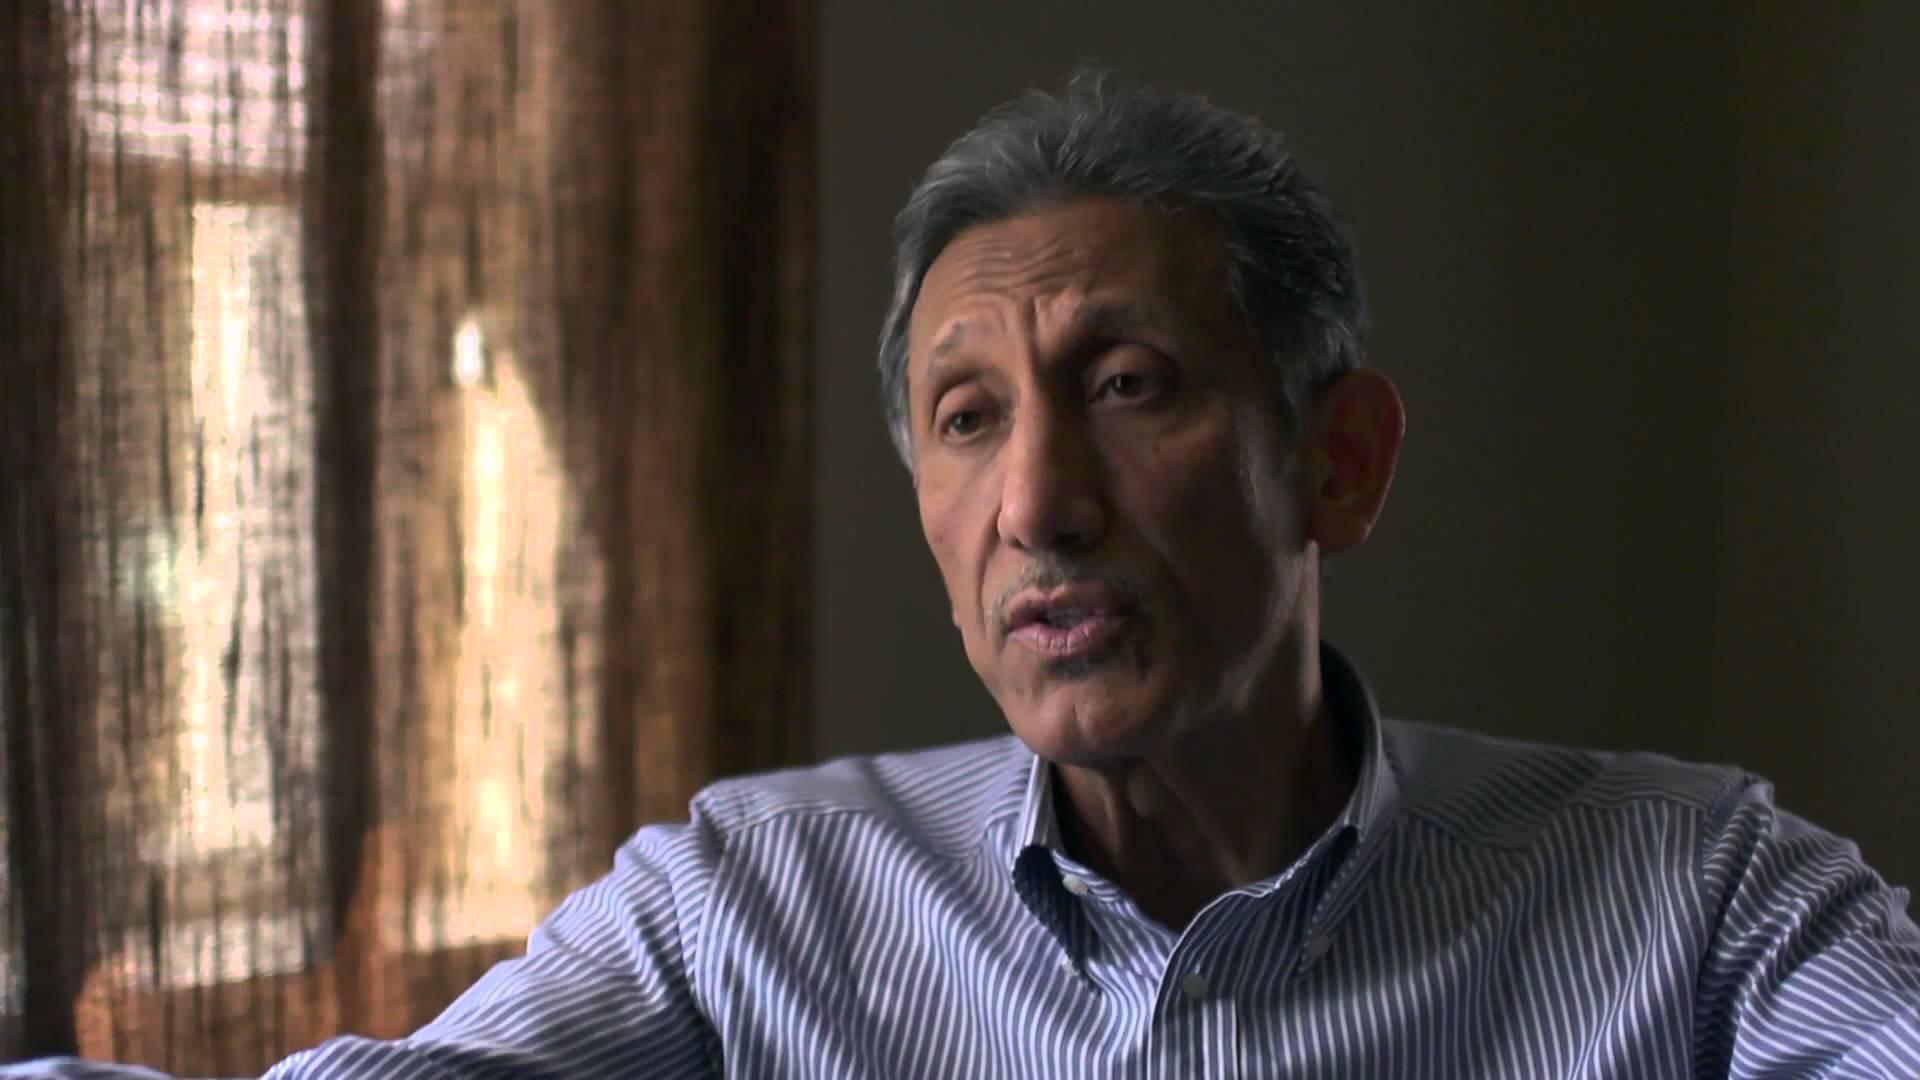 Lo scrittore Alrefai escluso tra i finalisti del Premio internazionale per il romanzo arabo